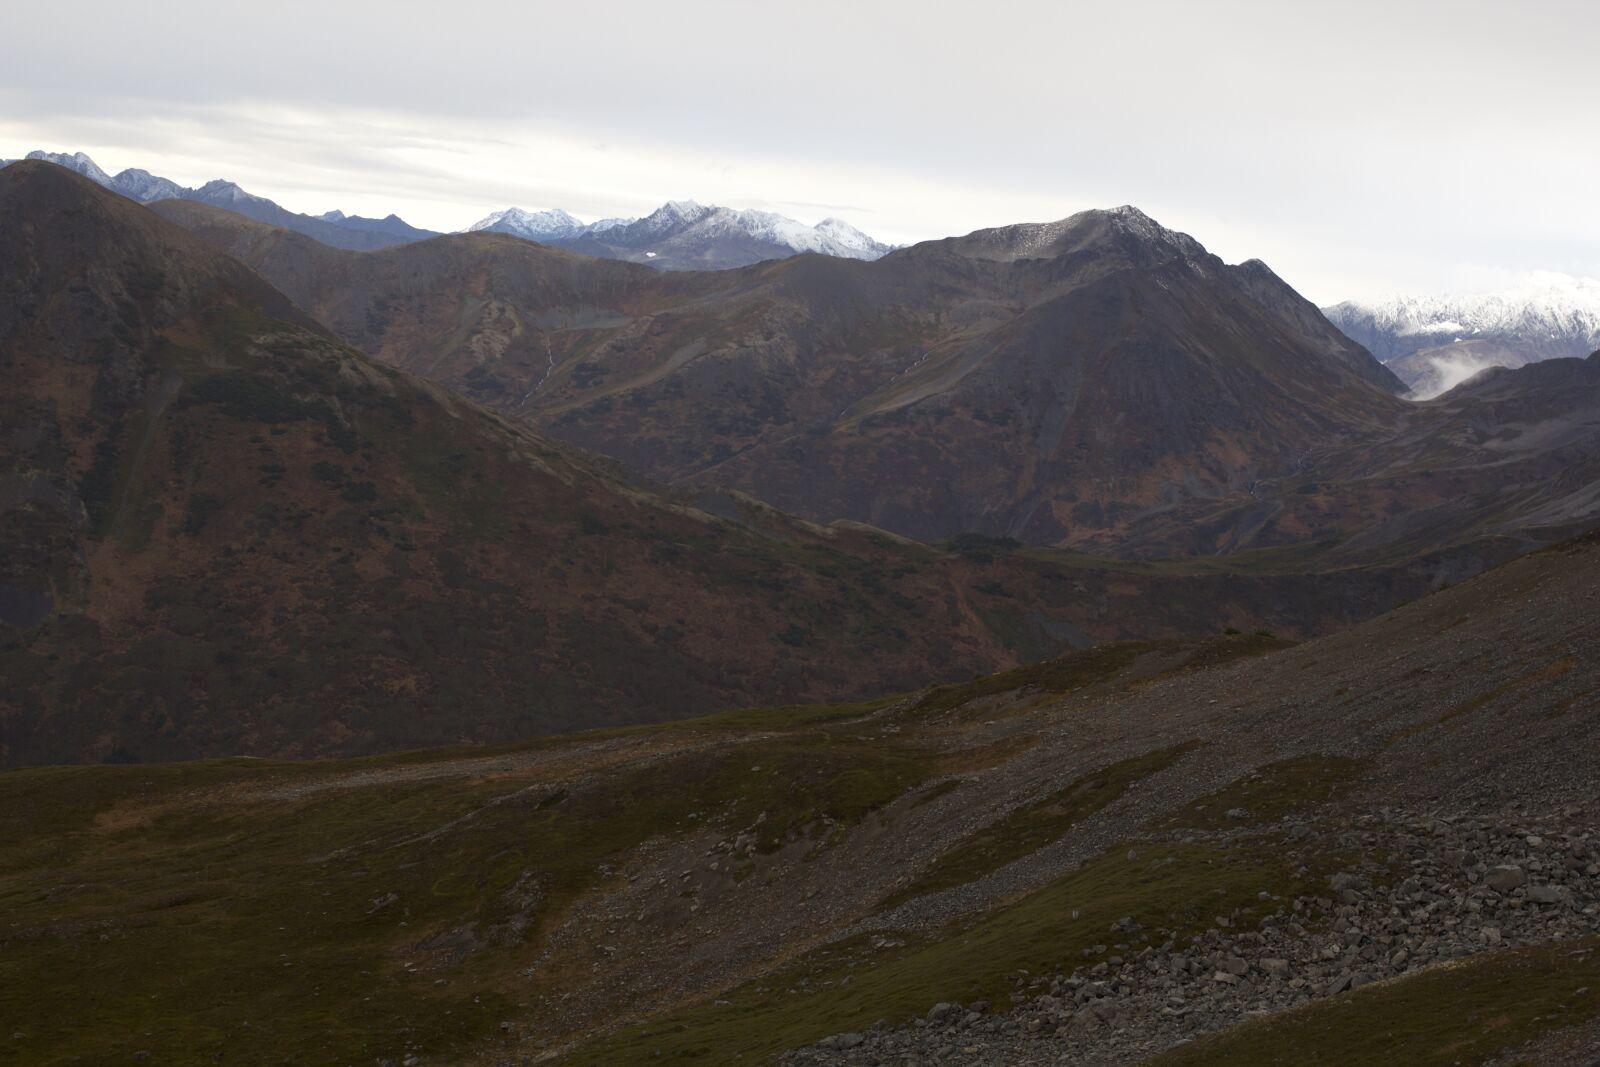 """Canon EOS 60D sample photo. """"Mountains, cloudy, valley"""" photography"""